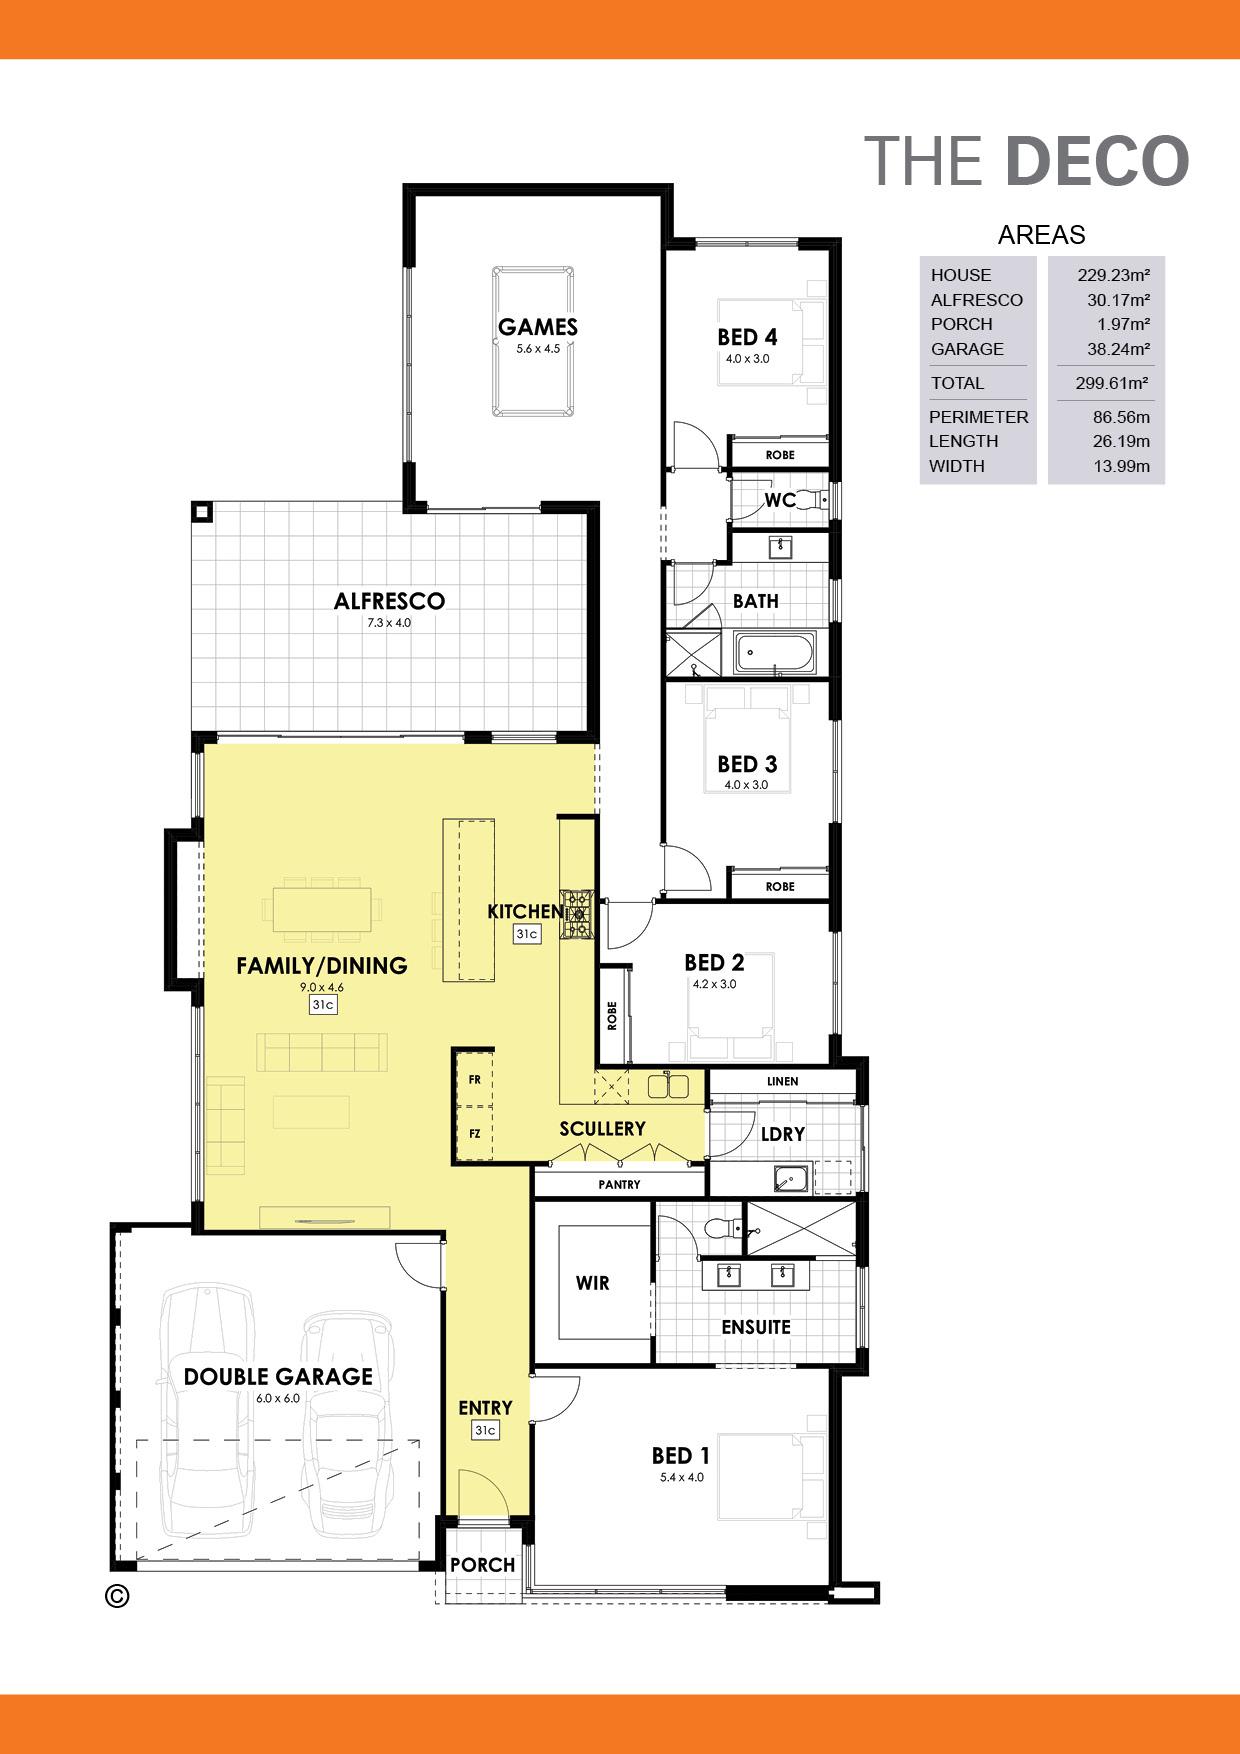 The Deco Floorplan